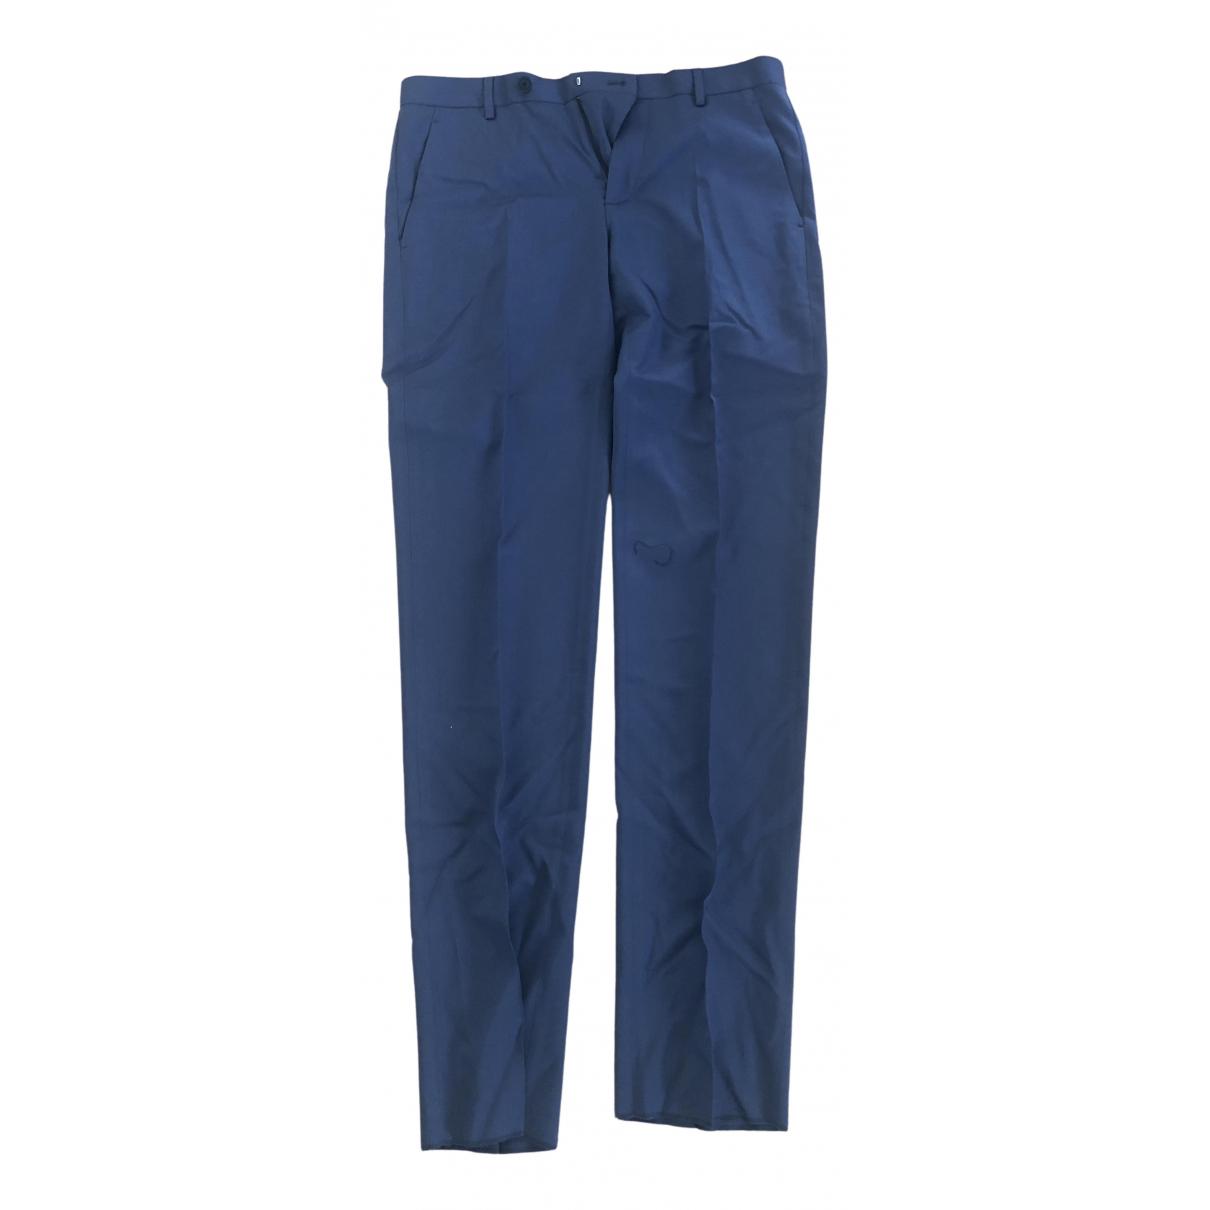 Pantalon de Lana Dior Homme